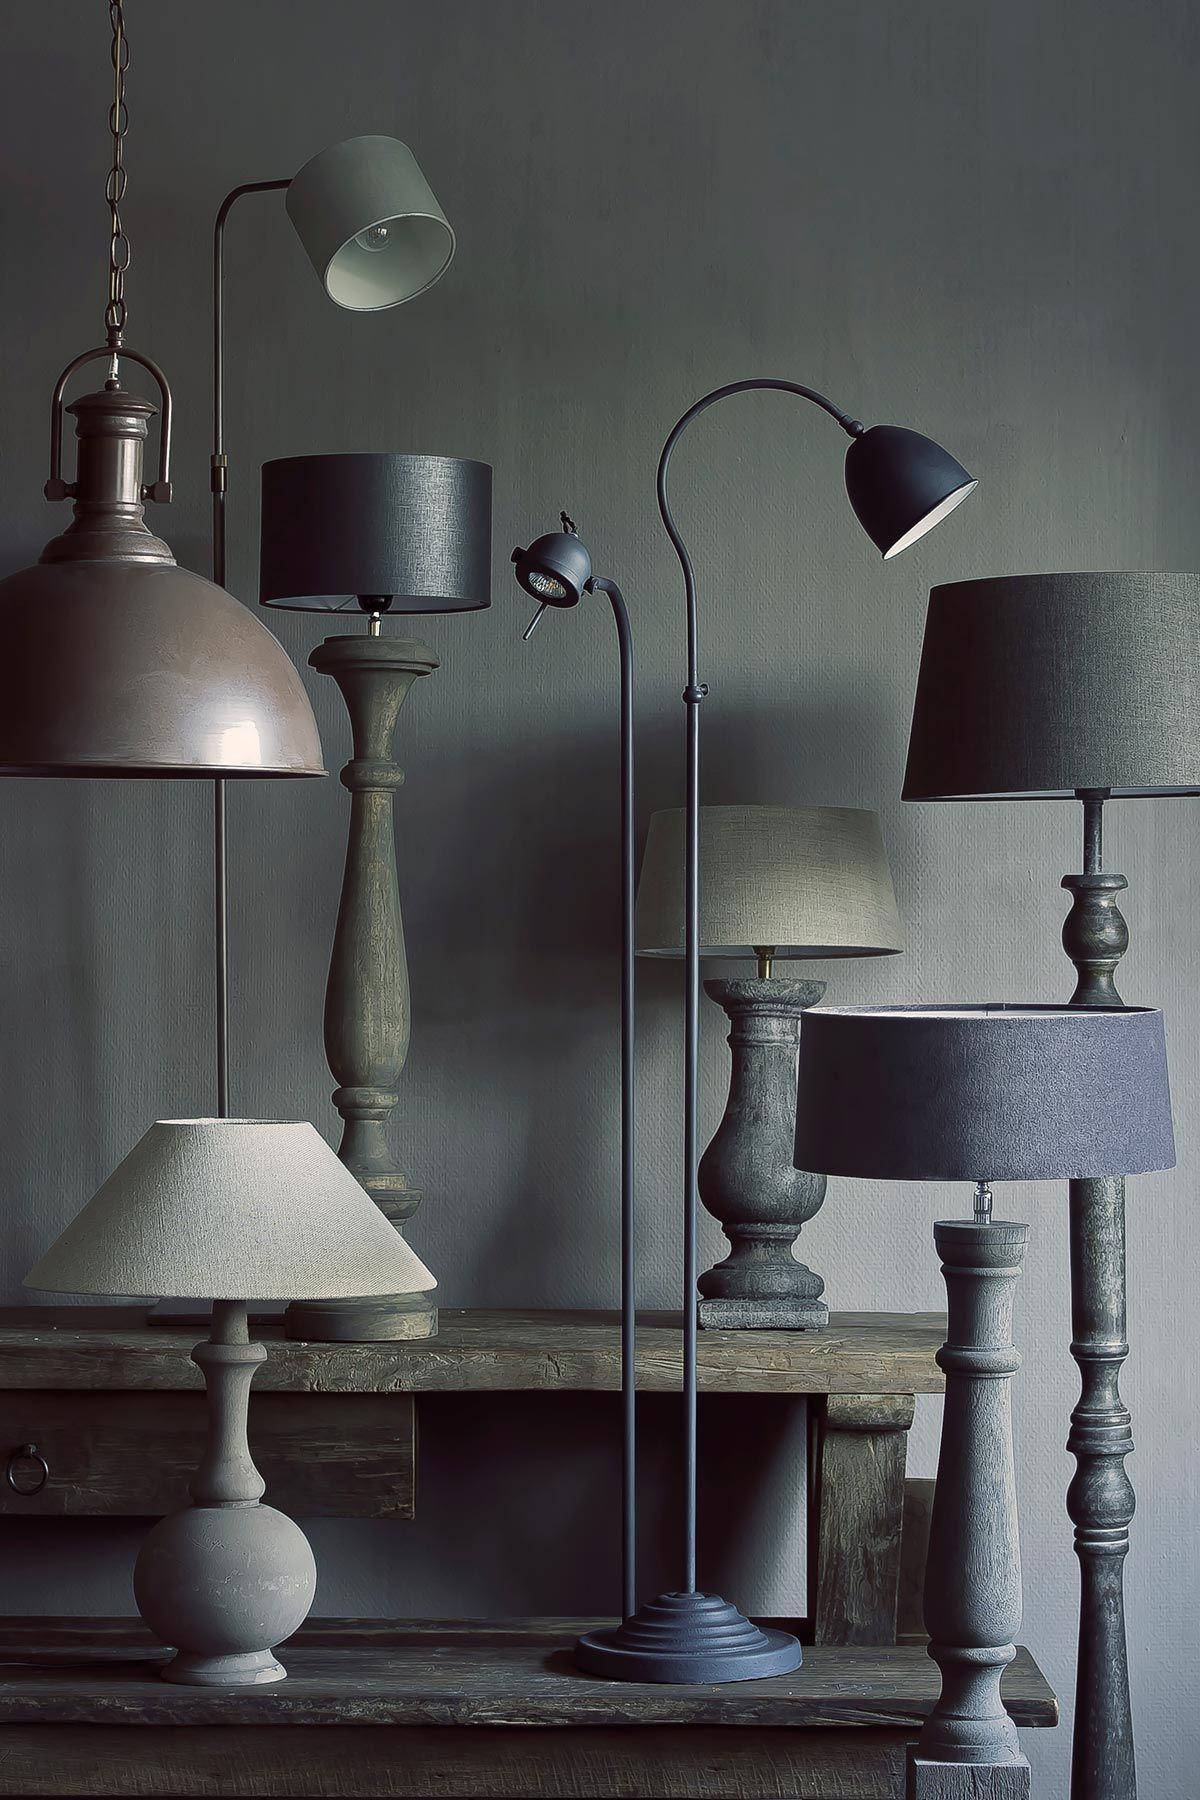 lampen tierlantijn, frezoli, hoffz, aura peeperkorn, staande lampen ...